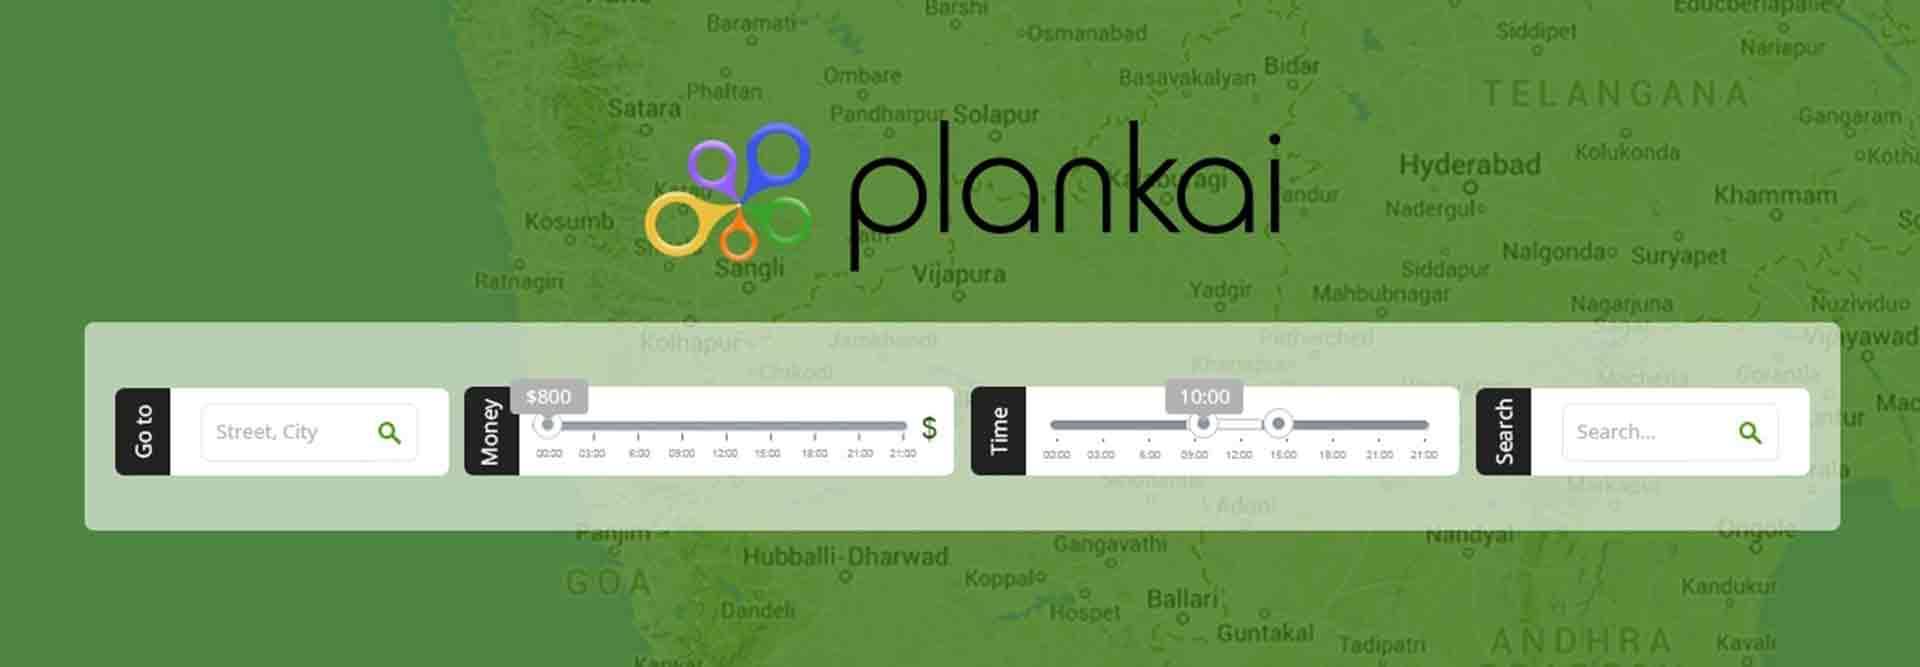 plankai-ban